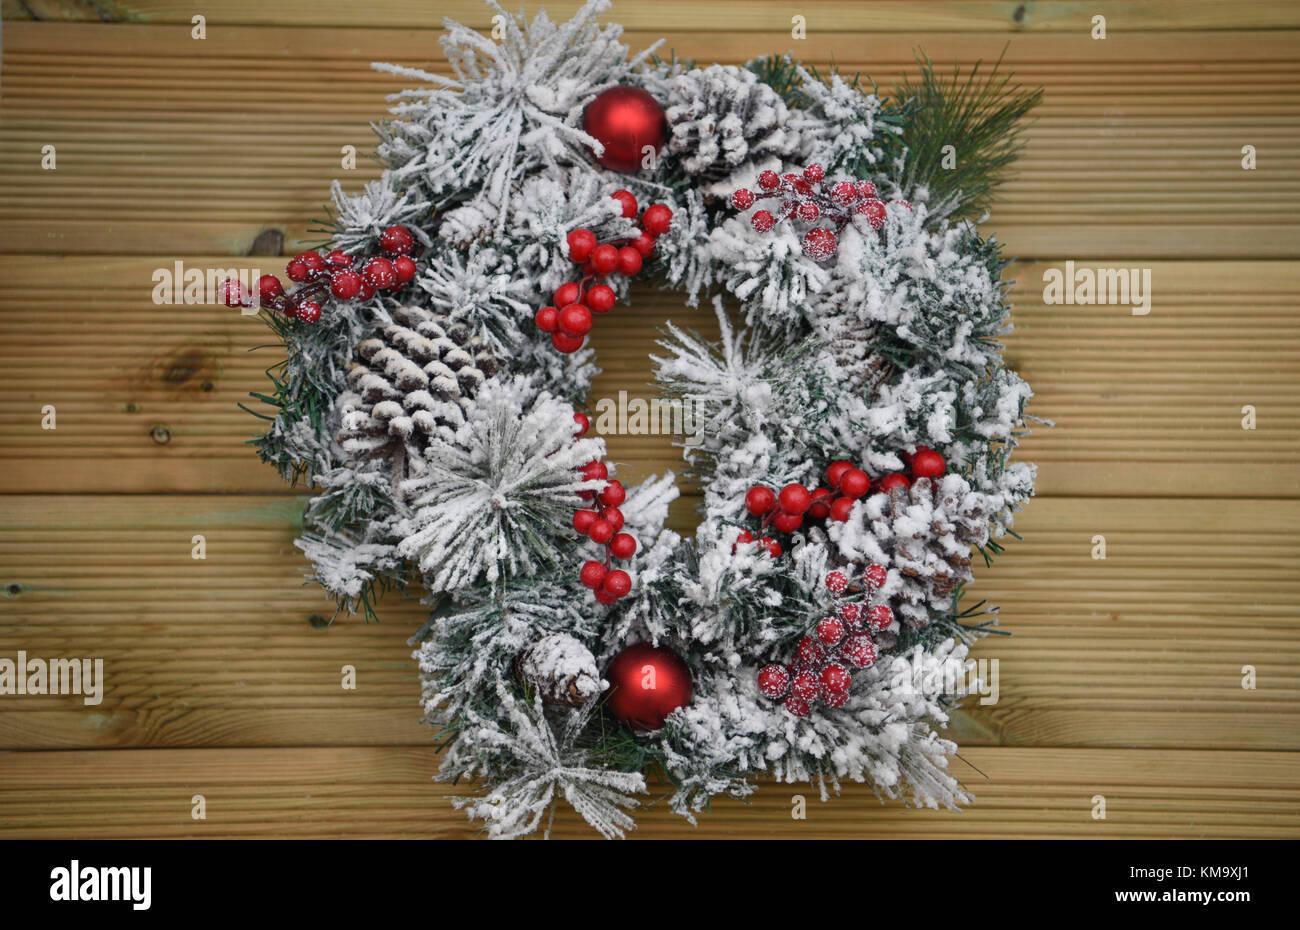 Weihnachten fotografie Bild eines Green Pine Tree Kranz im Schnee ...